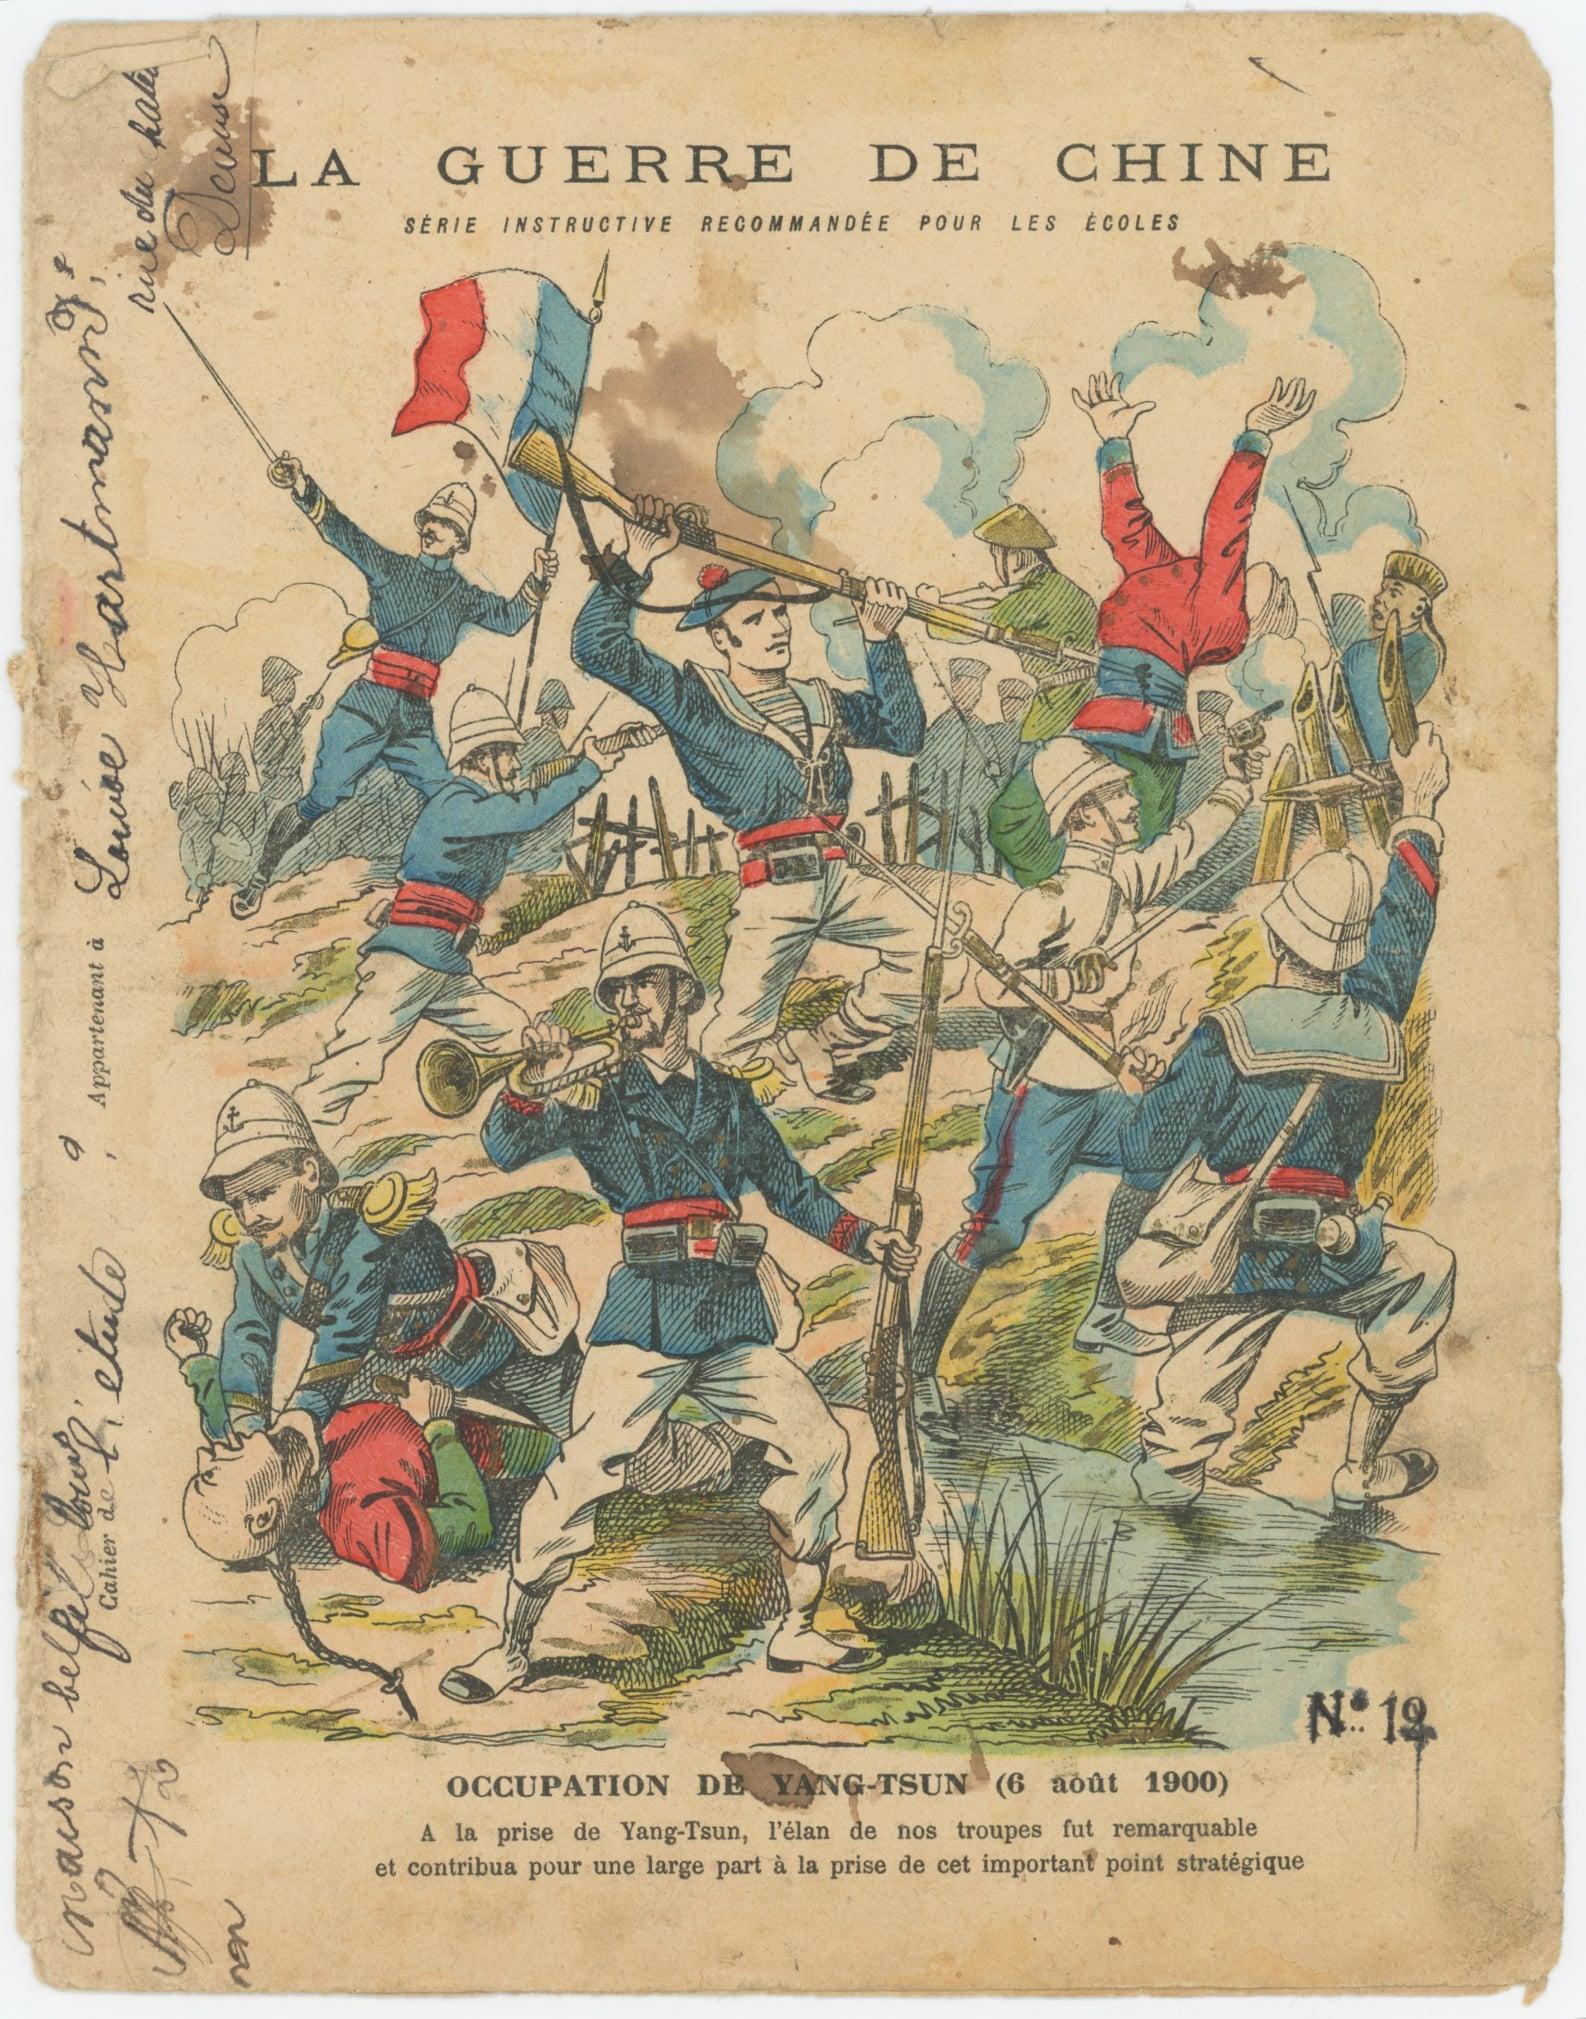 Petit Protège Cahier Scolaire Histoire de France - XIX illustration - Le Drapeau Français - La Guerre en Chine 1900 - Marsouins à l'attaque - Occupation de Yang-Tsun